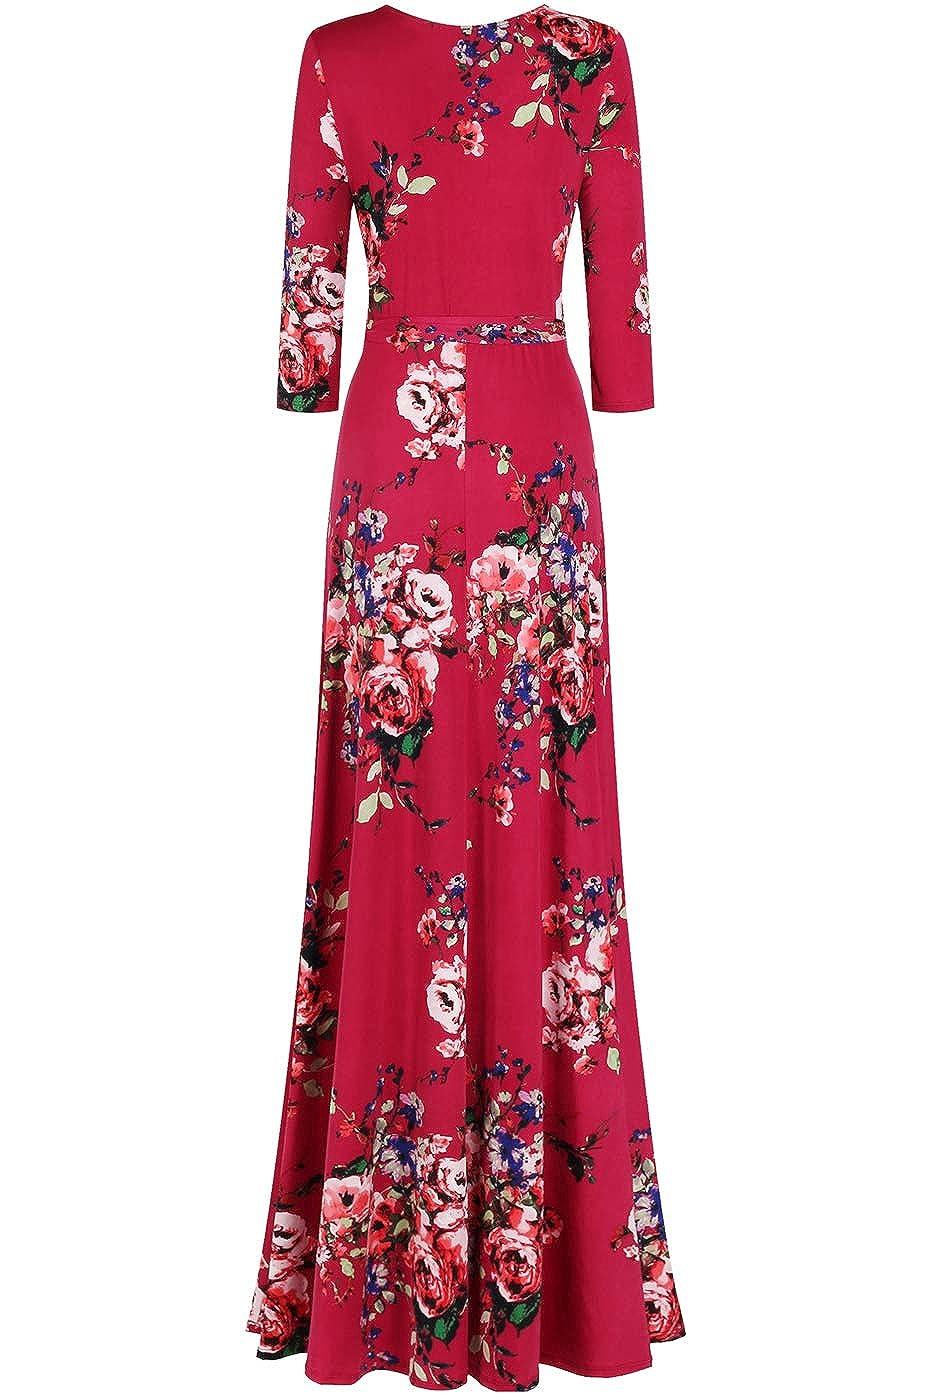 5c16f6e0b59a Amazon.com  Bon Rosy Women s  MadeInUSA 3 4 Sleeve V-Neck Printed Maxi Wrap  Dress  Clothing